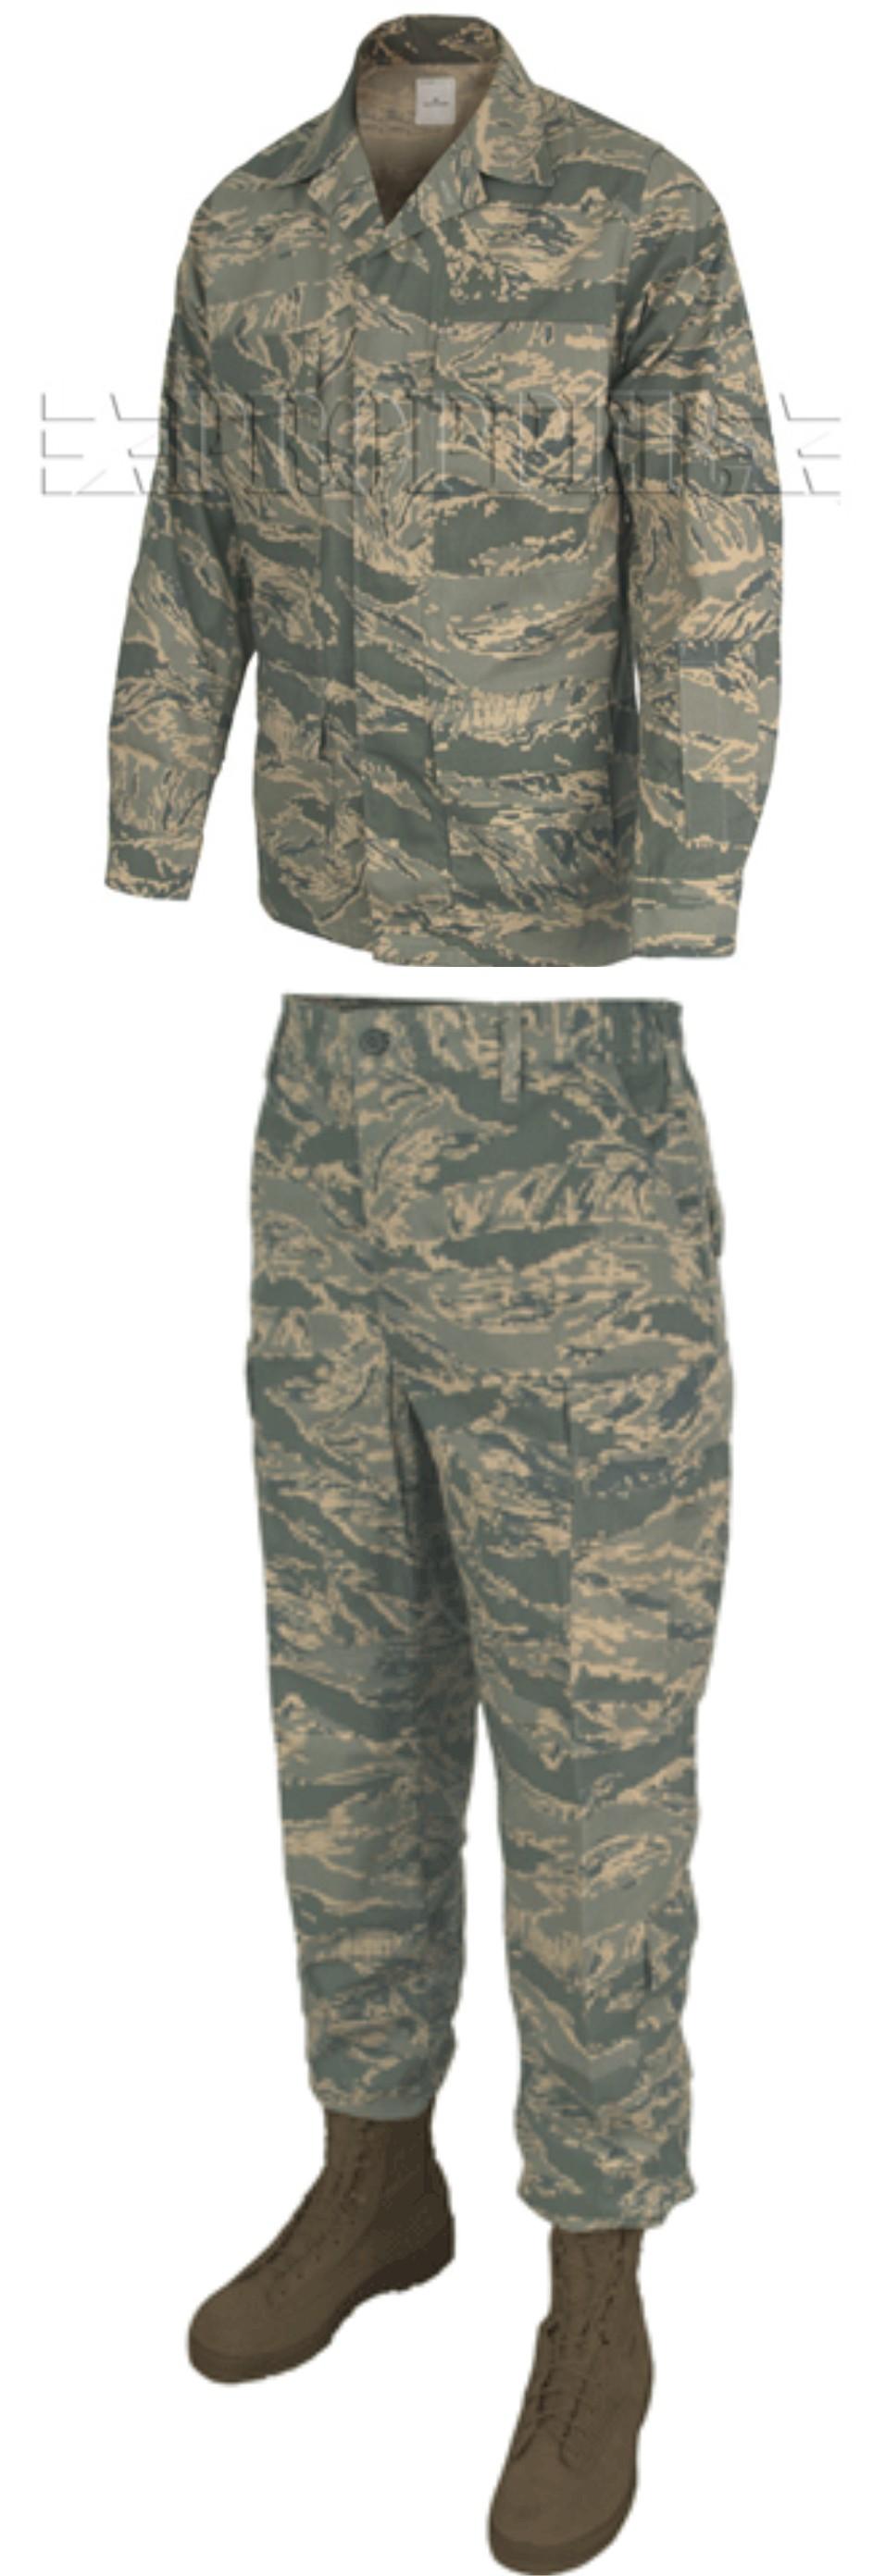 Buy Abu Uniform 57